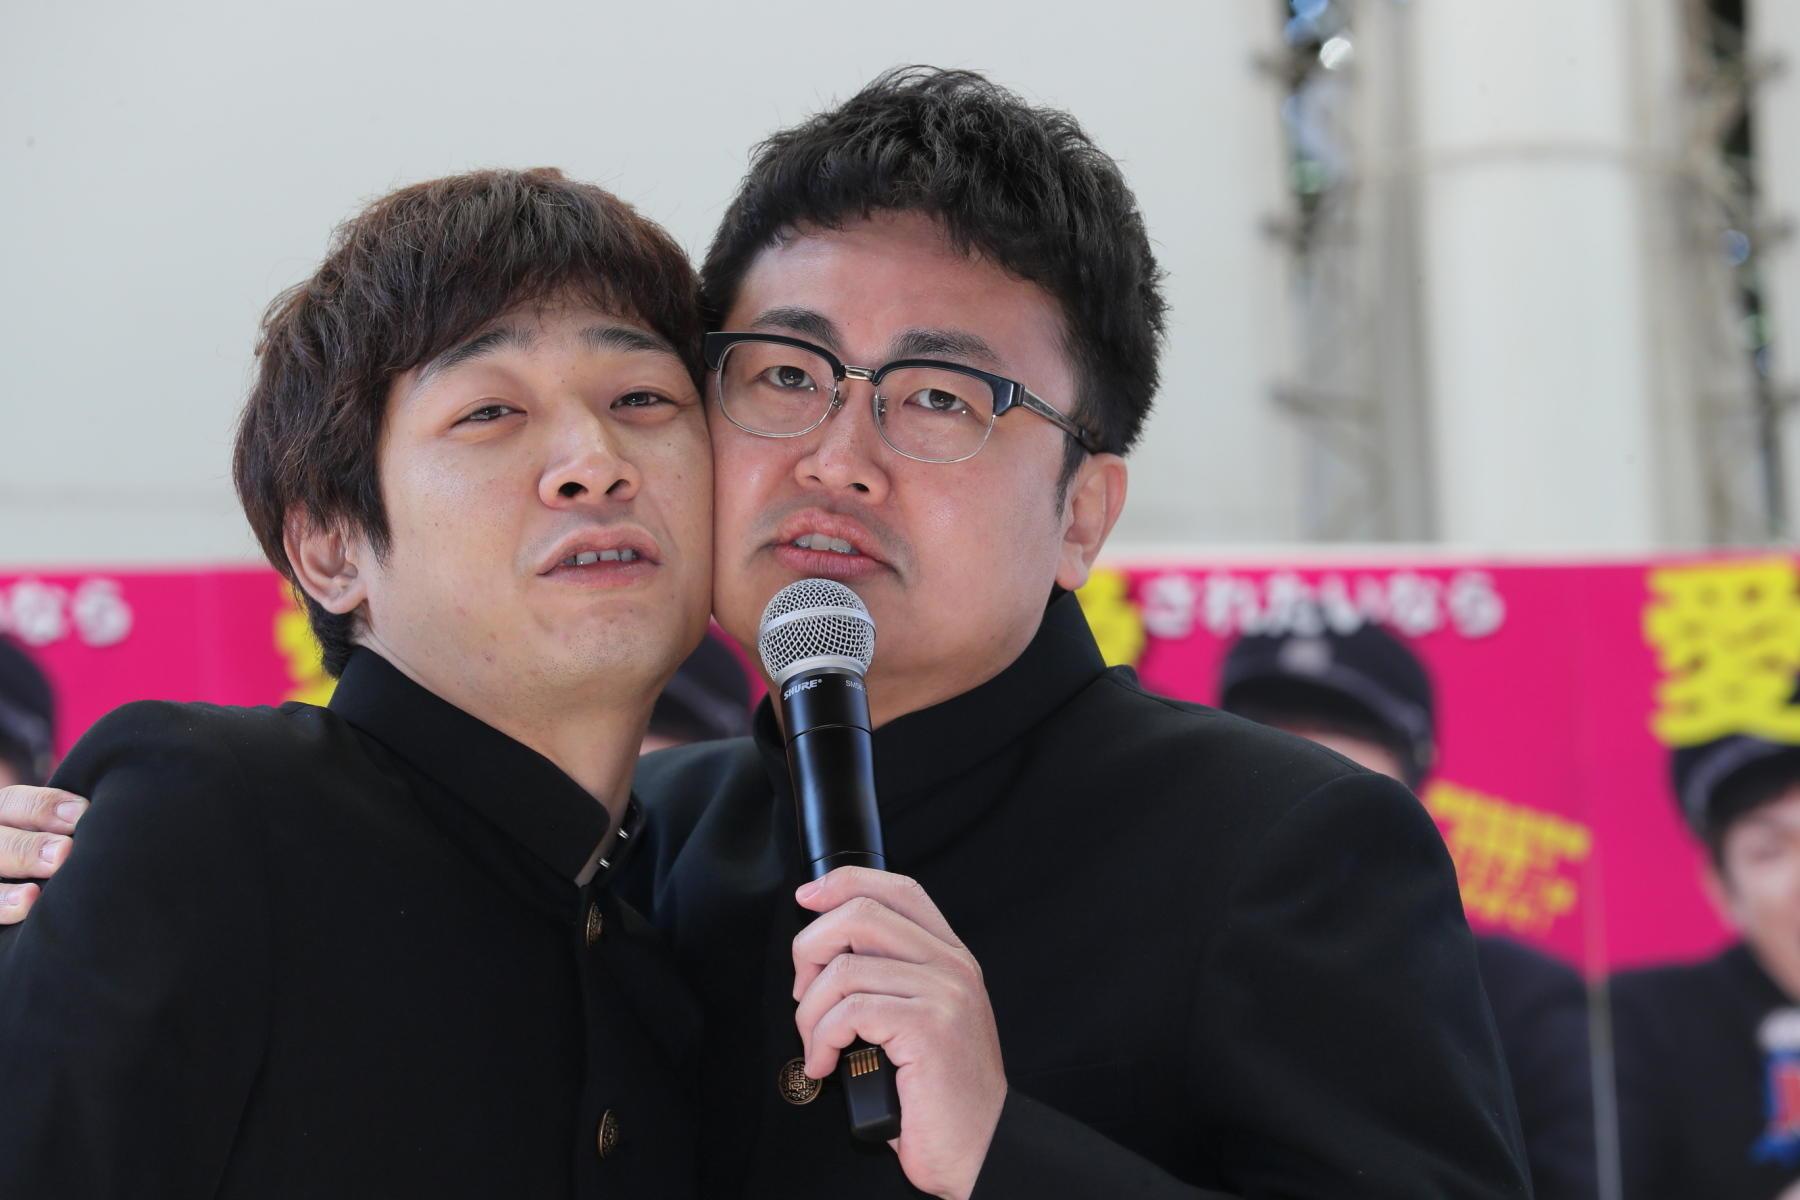 http://news.yoshimoto.co.jp/20170413154257-9c7ce51bb8912adb748b2f73ec2028e5761f92d8.jpg